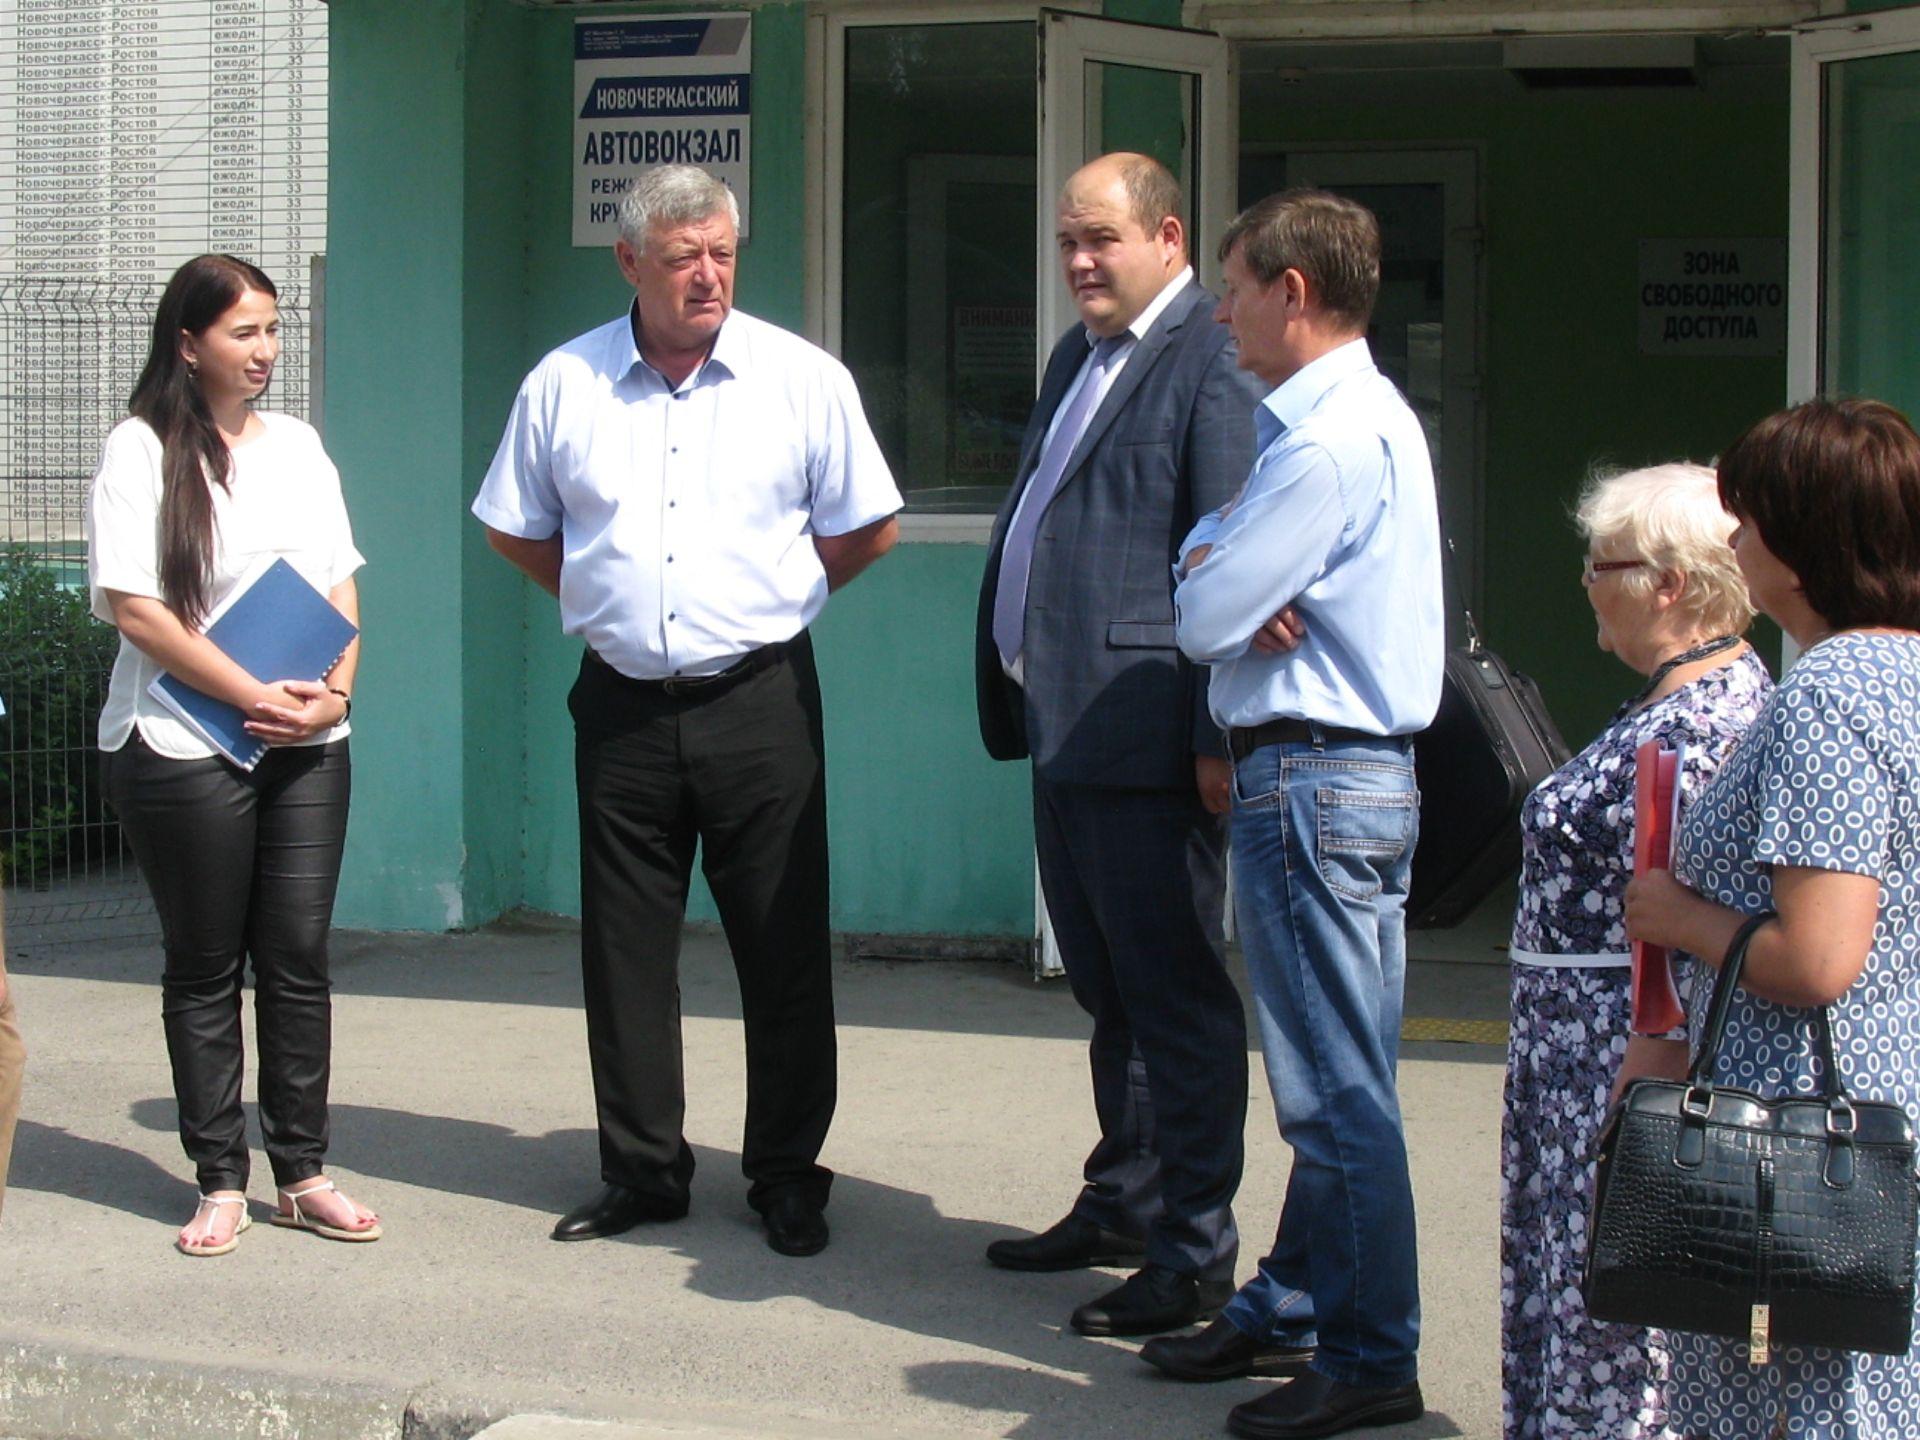 Новочеркасский автовокзал должен стать доступным